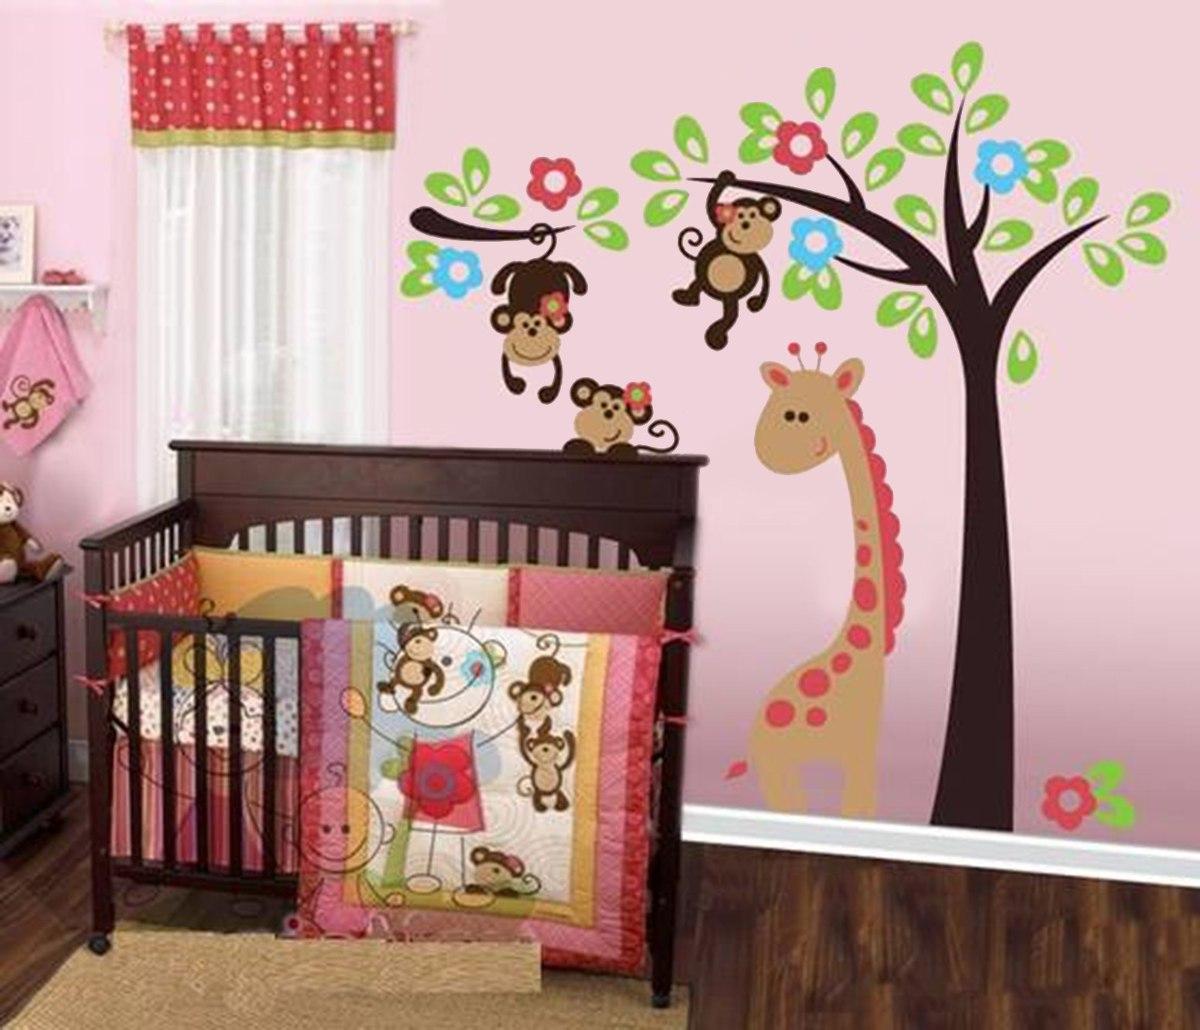 Vinilos decorativos grandes bebes cuartos infantiles cali for Vinilos cuartos infantiles